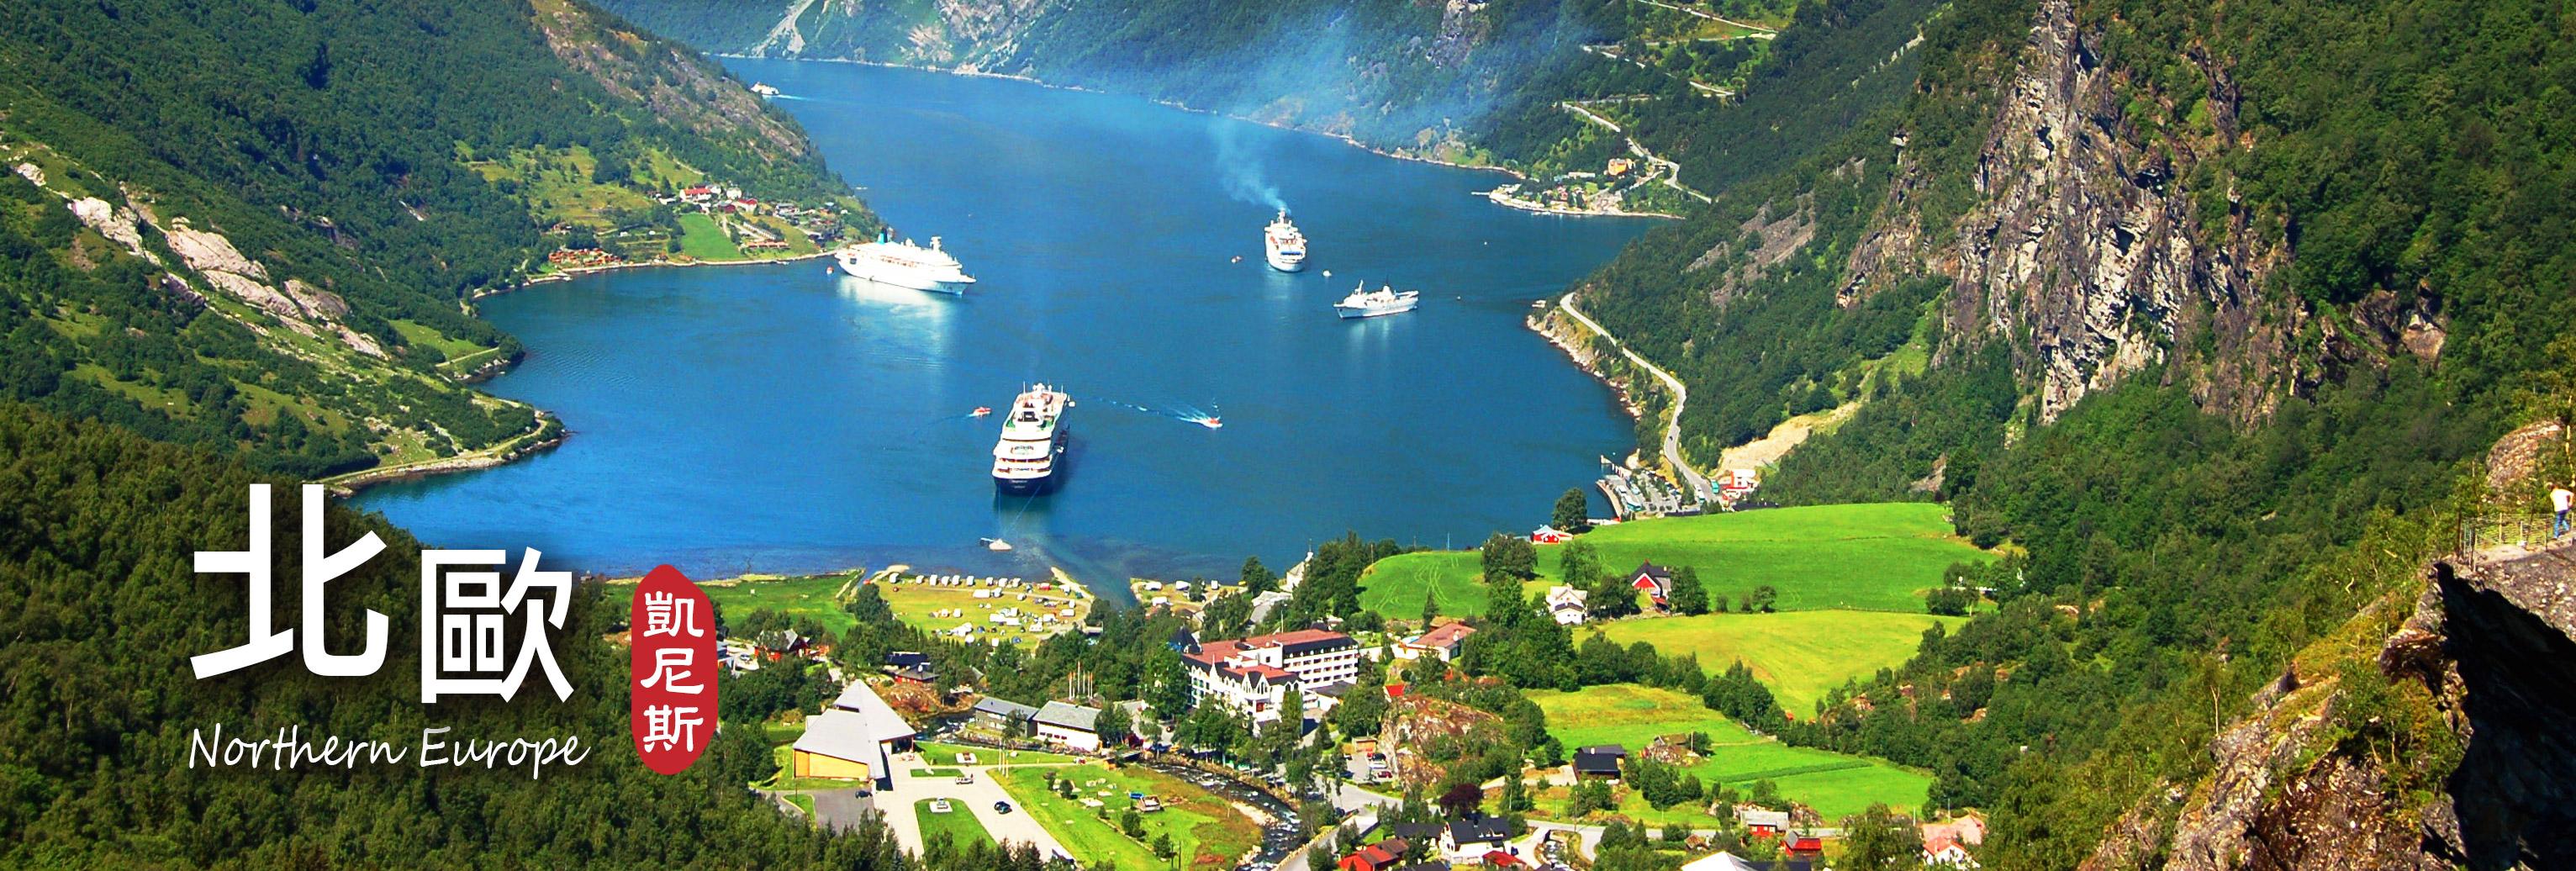 欧洲旅游,义大利旅游,法国旅游,瑞士旅游,奥地利图片